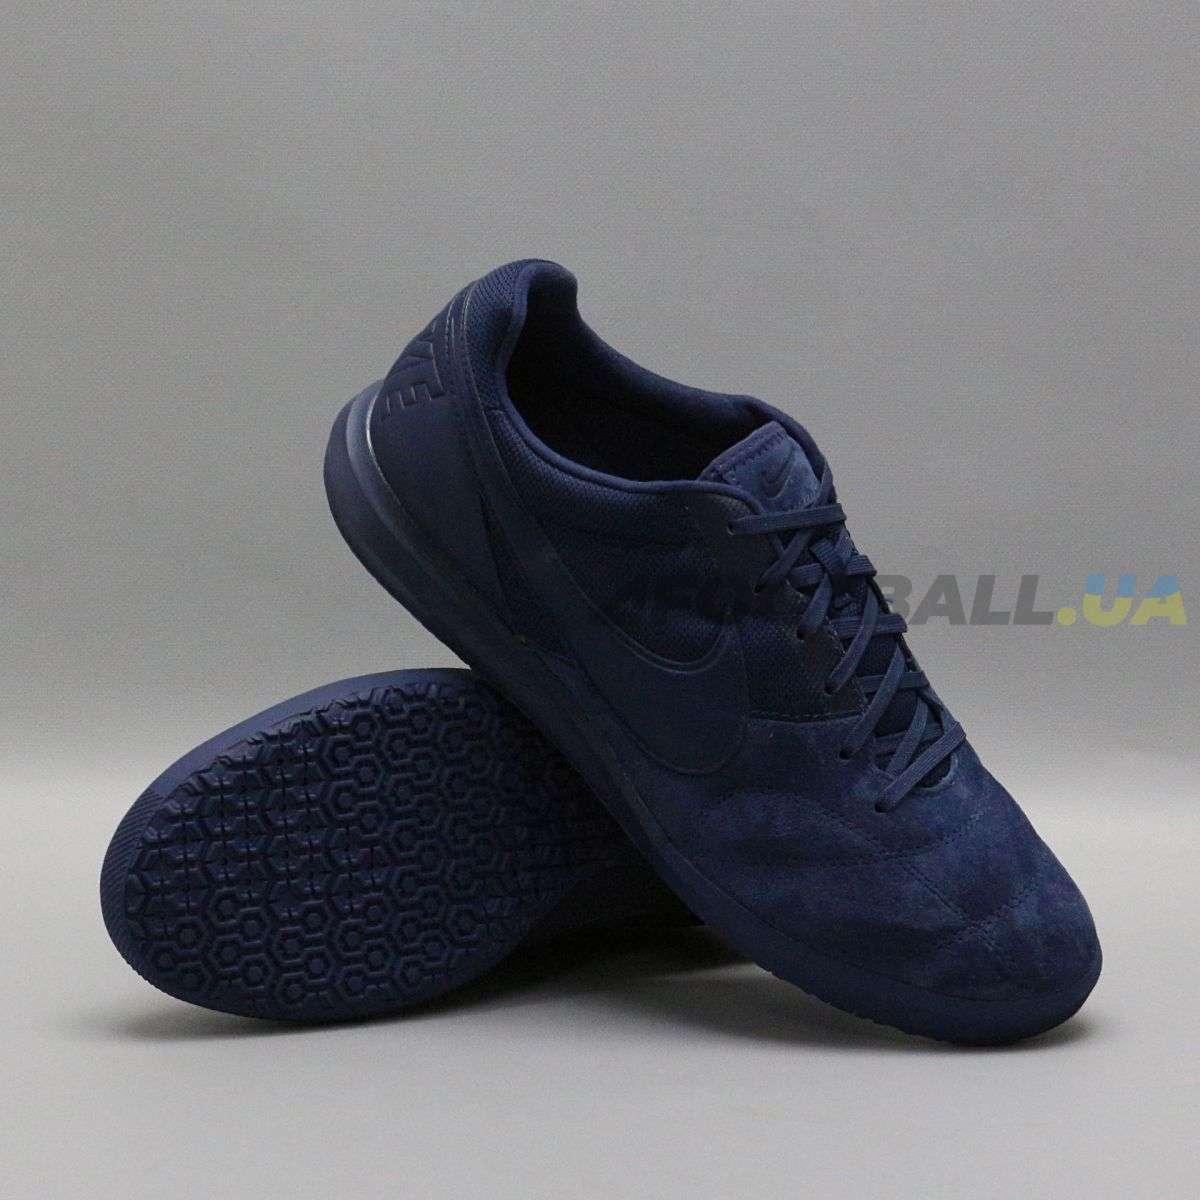 23fef5da Футзалки Nike Tiempo Premier Sala AV3153-441 купить на 4football ...